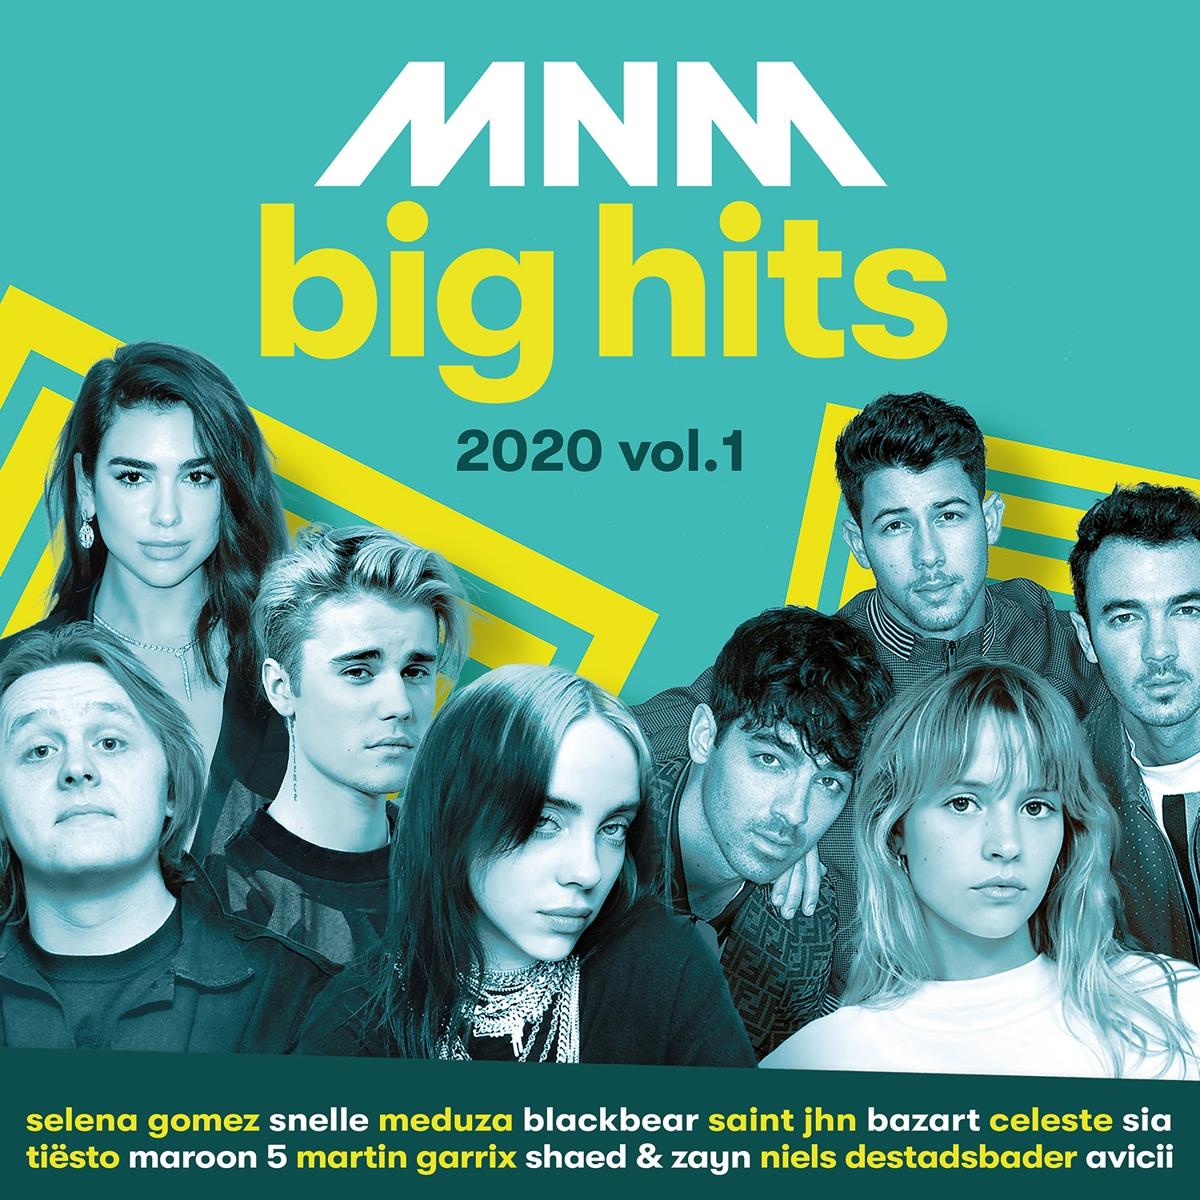 VA-MNM Big Hits 2020 Vol. 1-(539.072-4)-REPACK-2CD-FLAC-2020-WRE